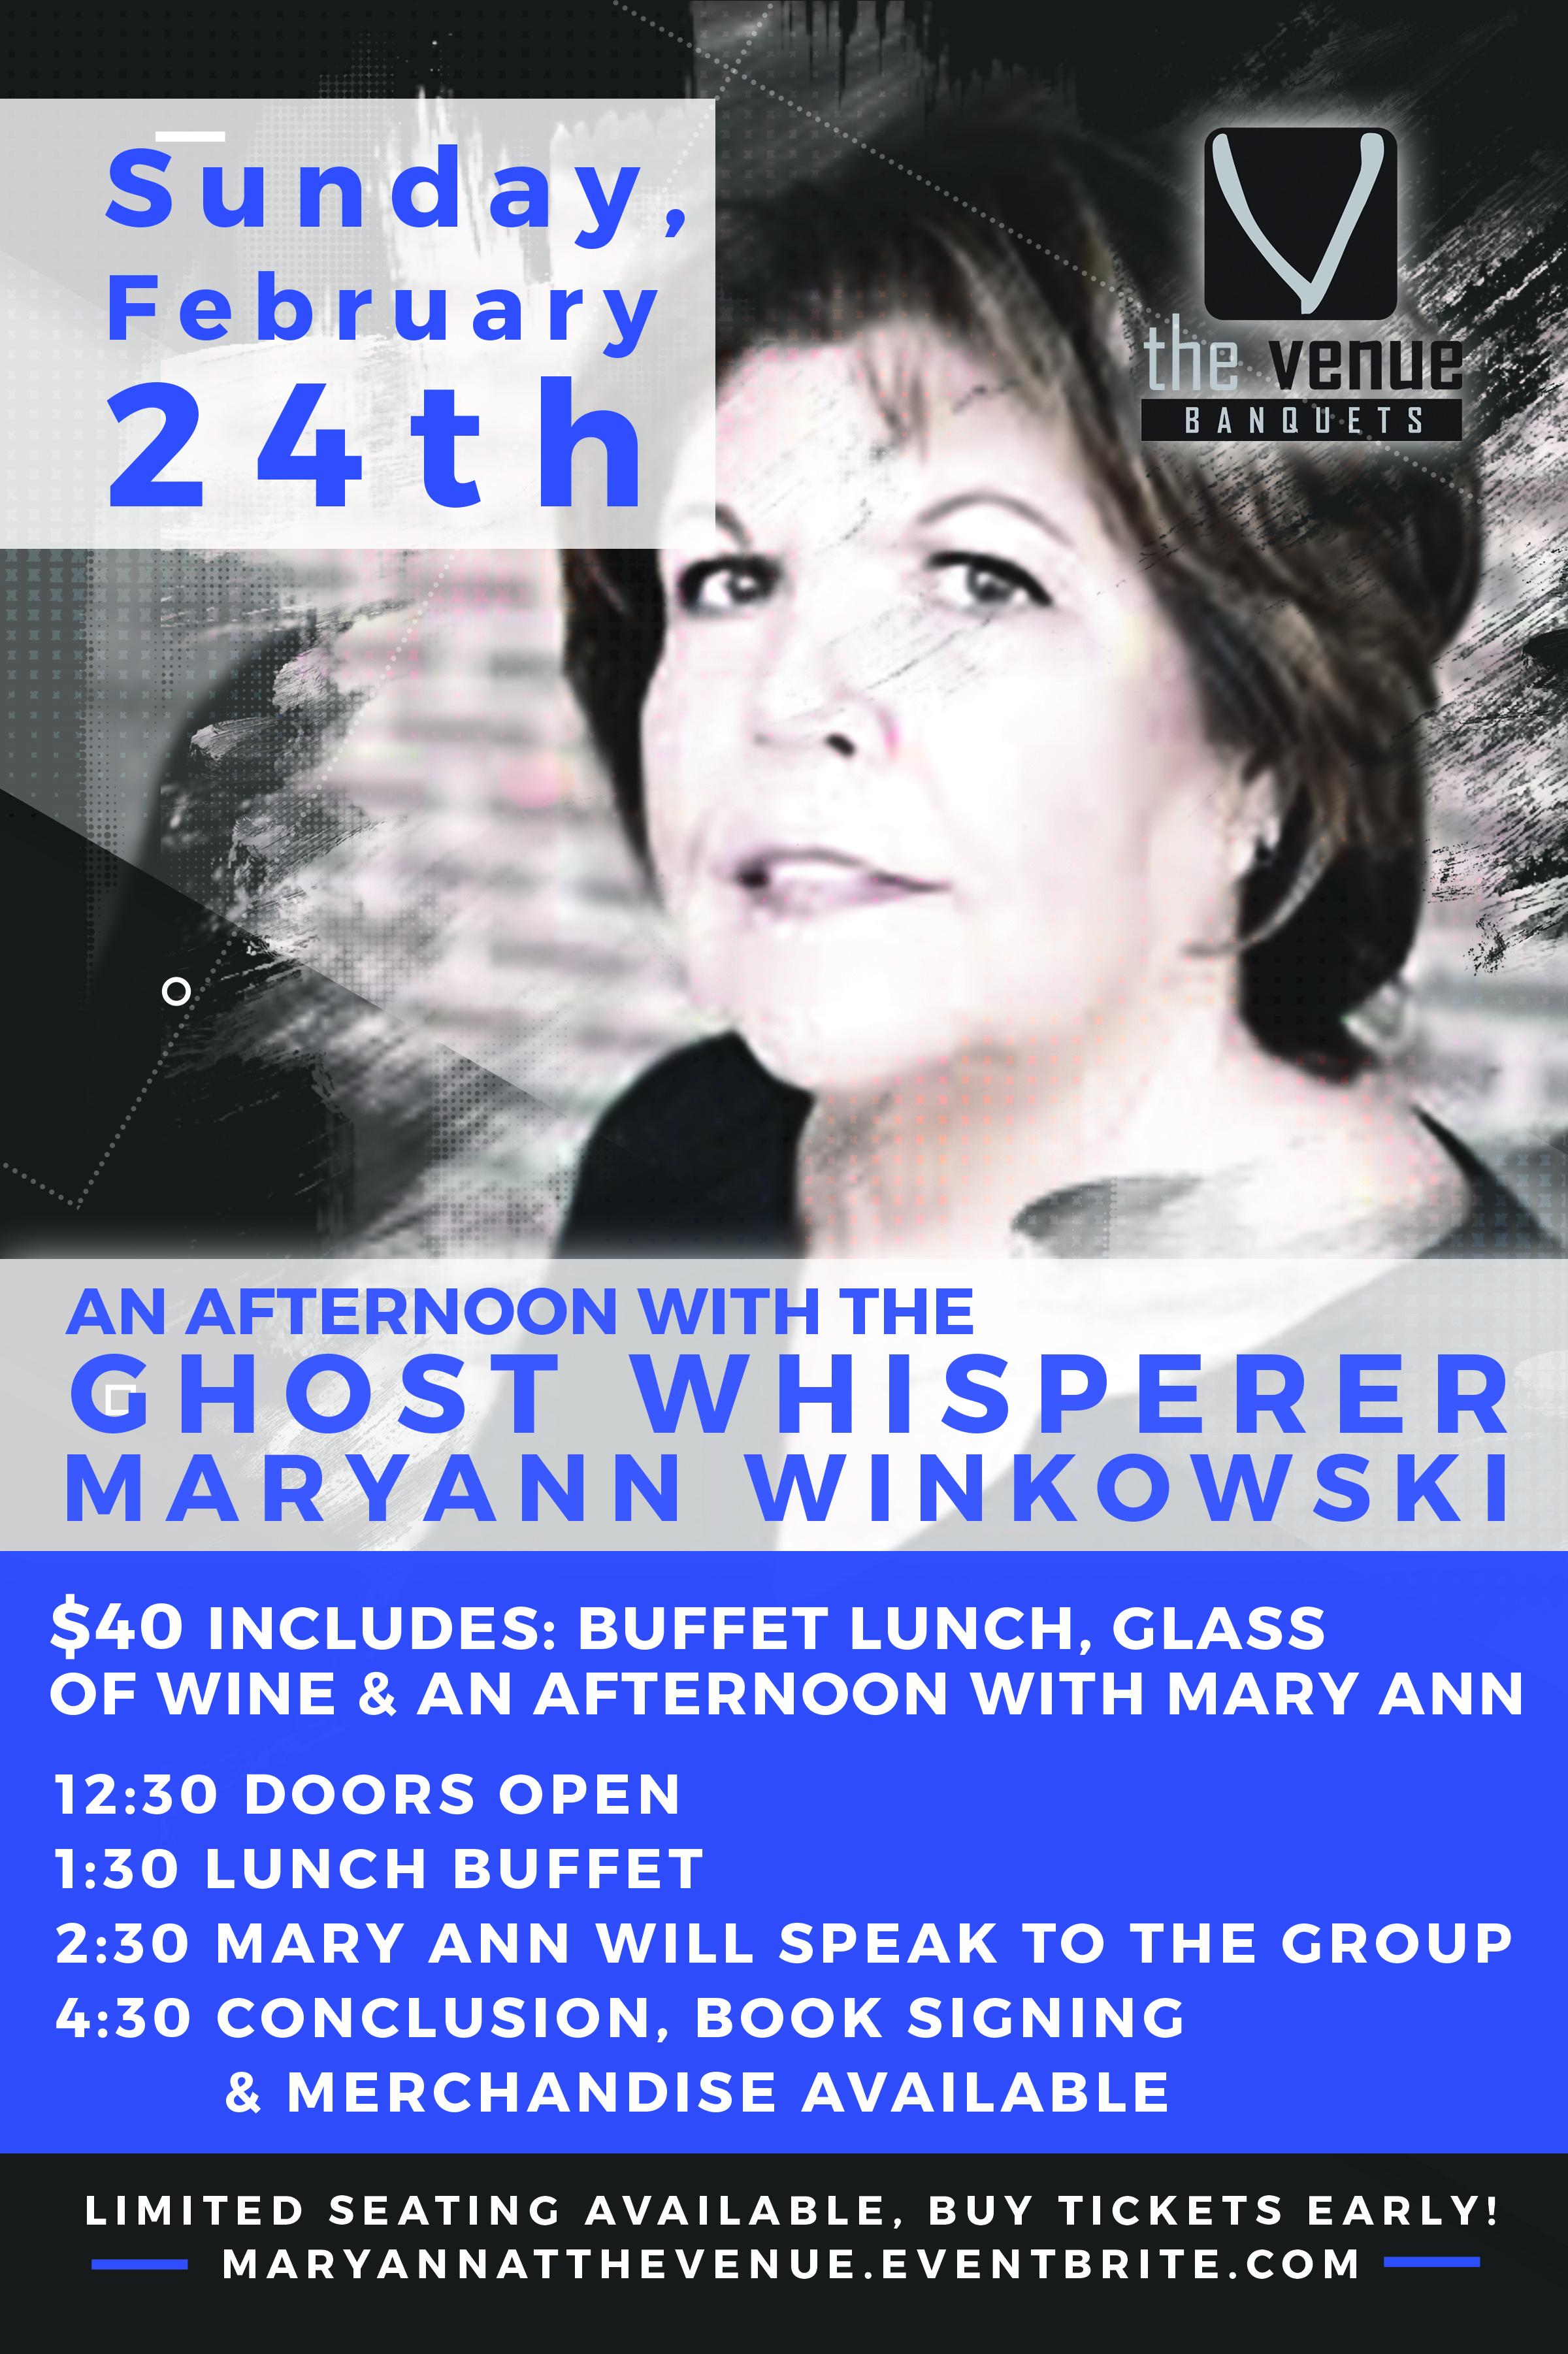 ghostwhisperer.jpg